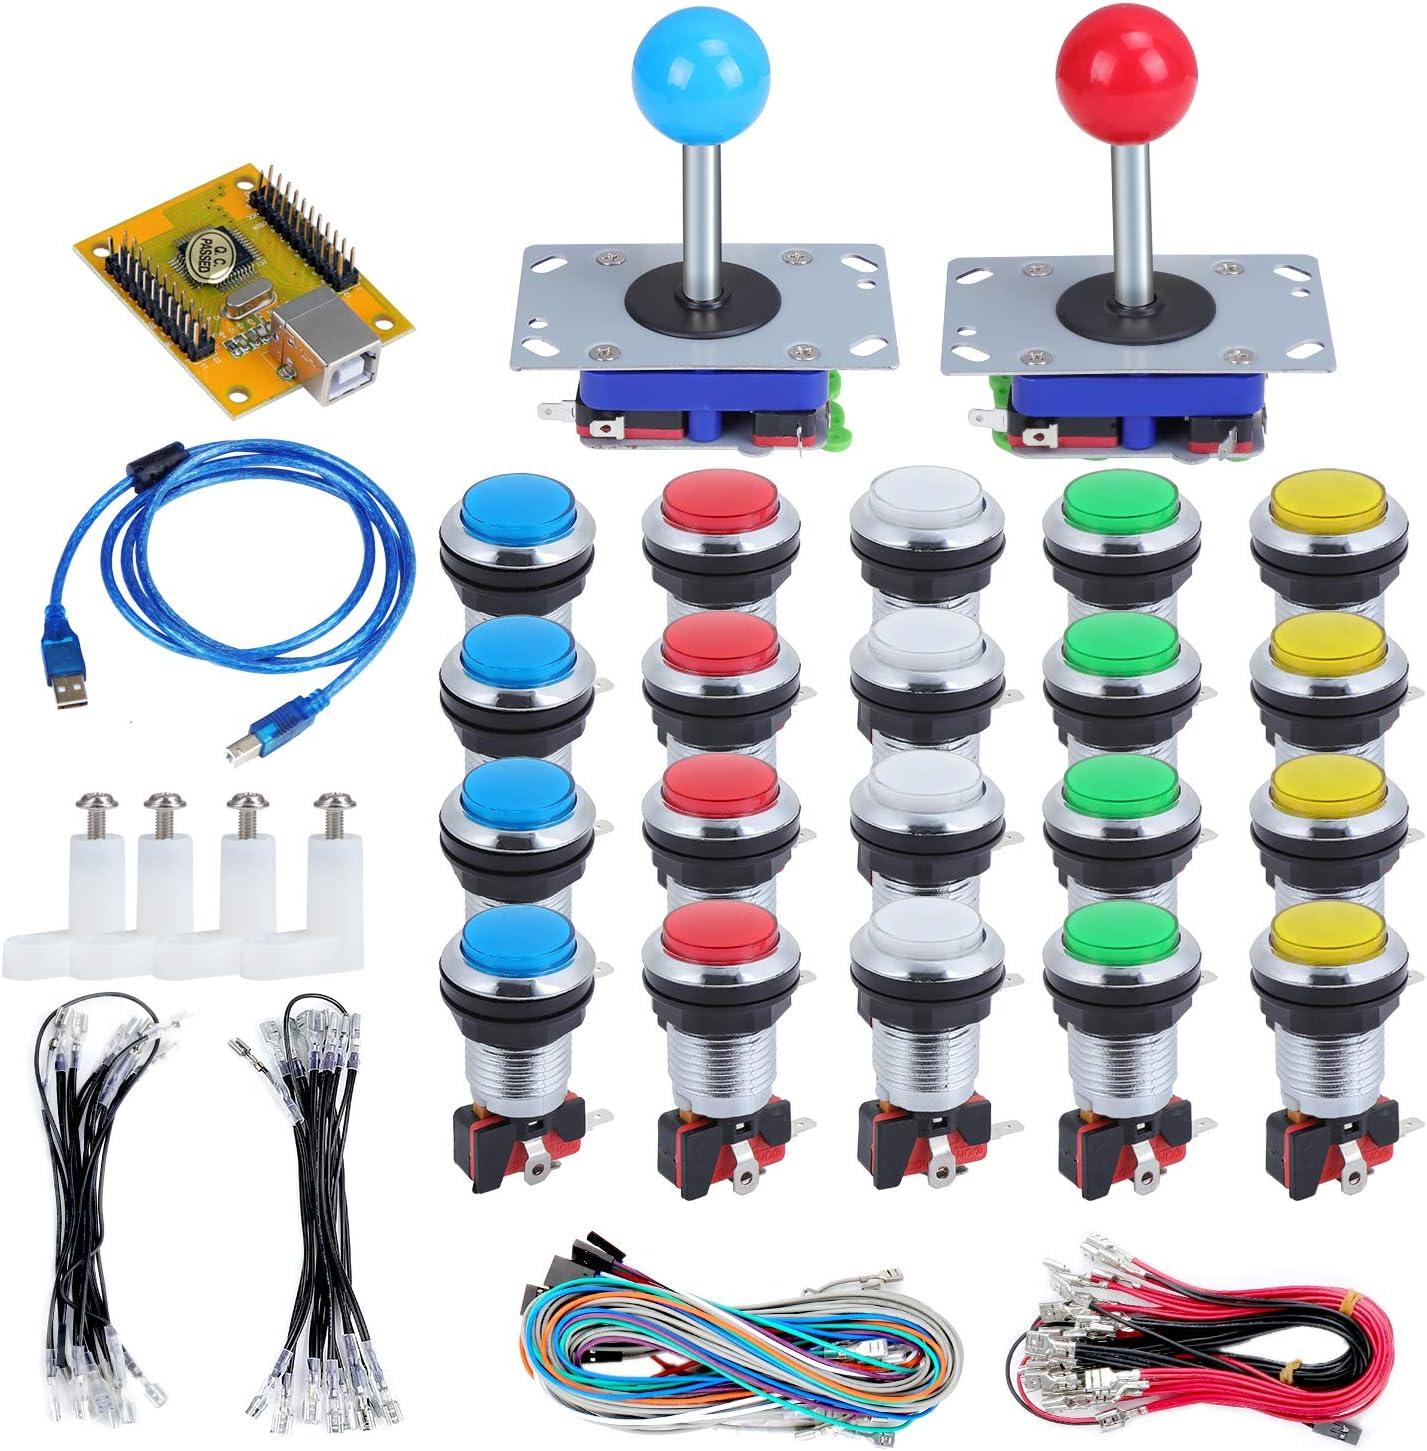 KEESIN 2 jugadores LED Arcade Kit de botones y joysticks, 2 joysticks y 20 botones LED Arcade, piezas de controlador de juegos para PC, MAME y Raspberry Pi